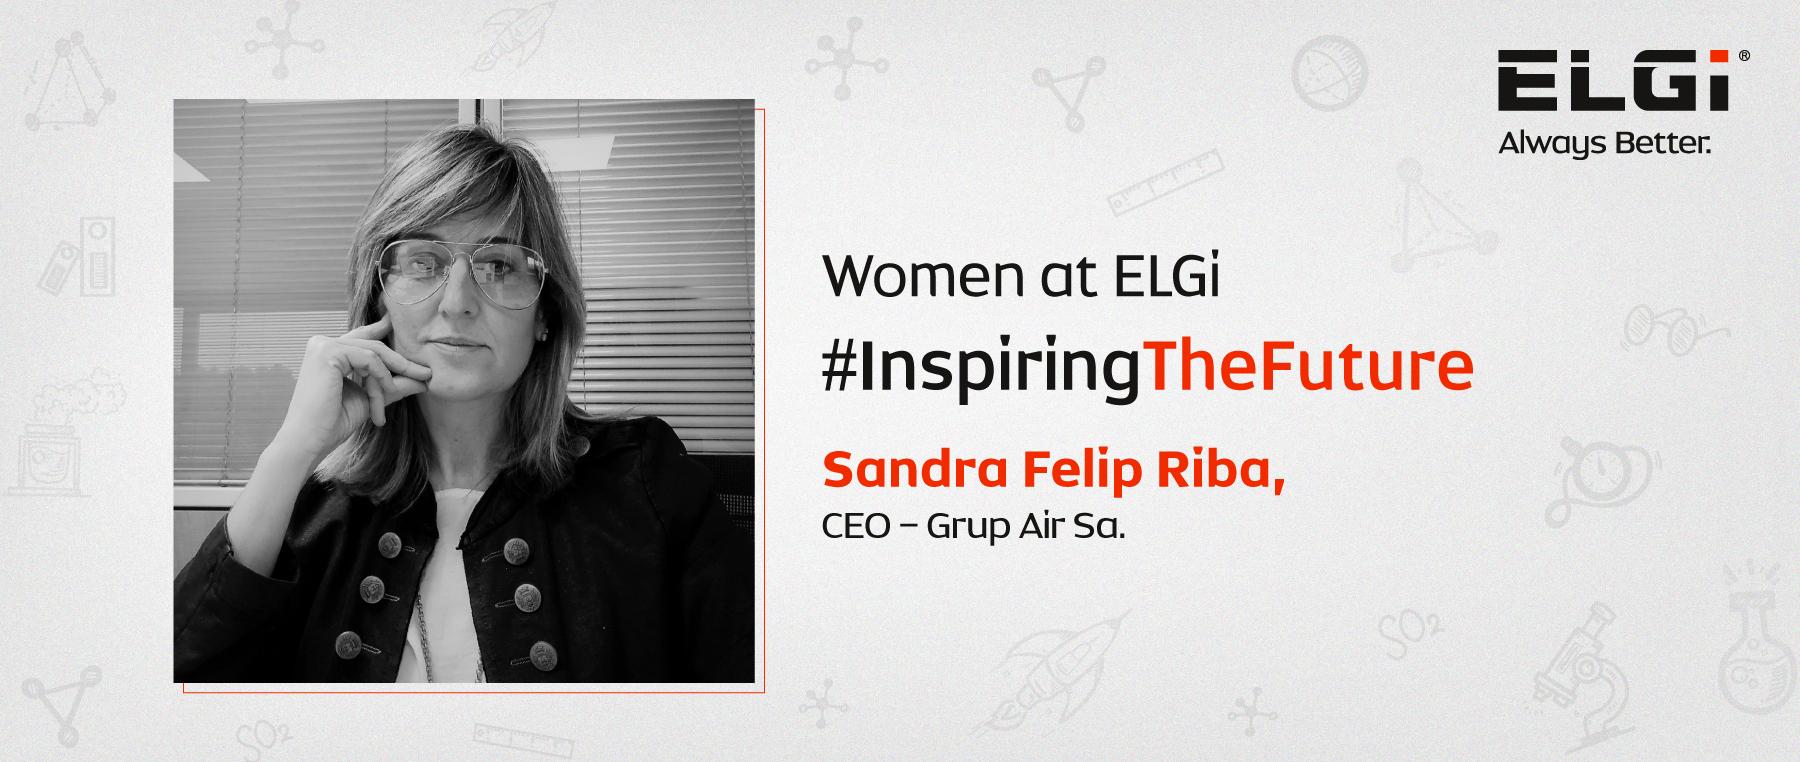 Women at ELGi #InspiringTheFuture – Sandra Felip Riba